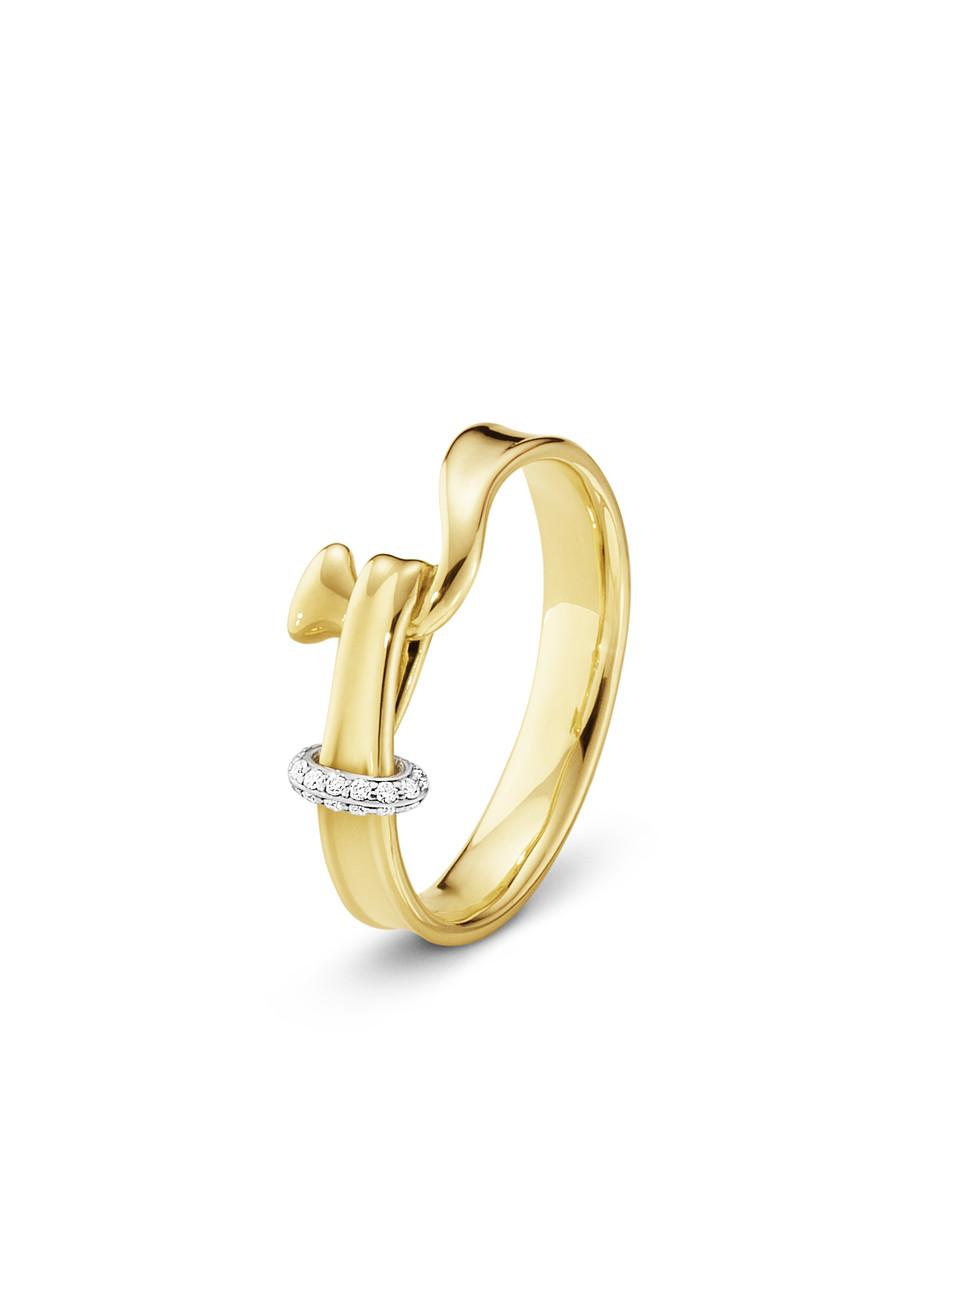 GEORG JENSEN - TORUN RING 18 KT GULL MED DIAMANTER  12.500,-